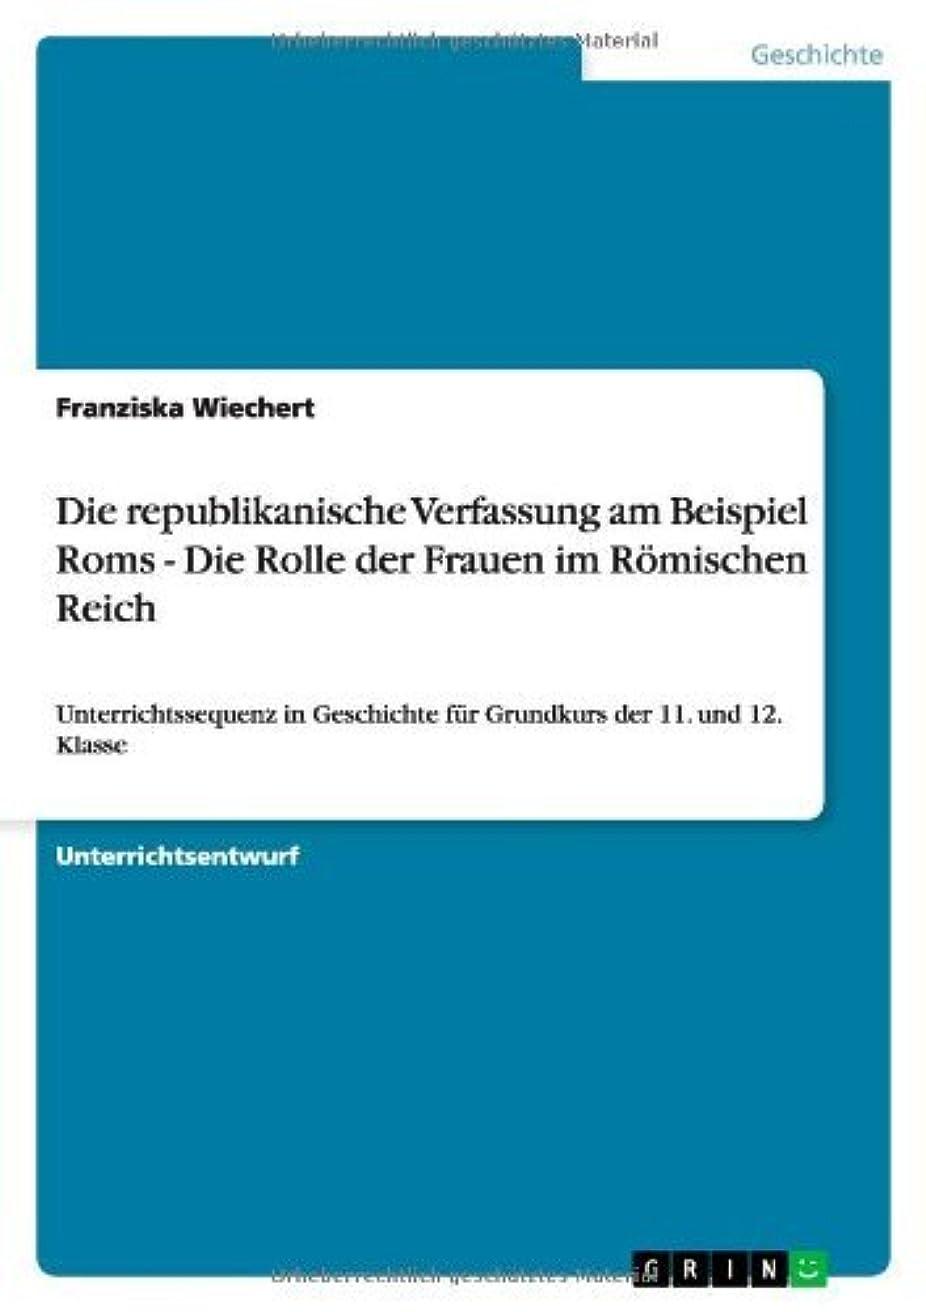 床意気込みデコードするDie republikanische Verfassung am Beispiel Roms - Die Rolle der Frauen im R?mischen Reich: Unterrichtssequenz in Geschichte für Grundkurs der 11. und 12. Klasse (German Edition)